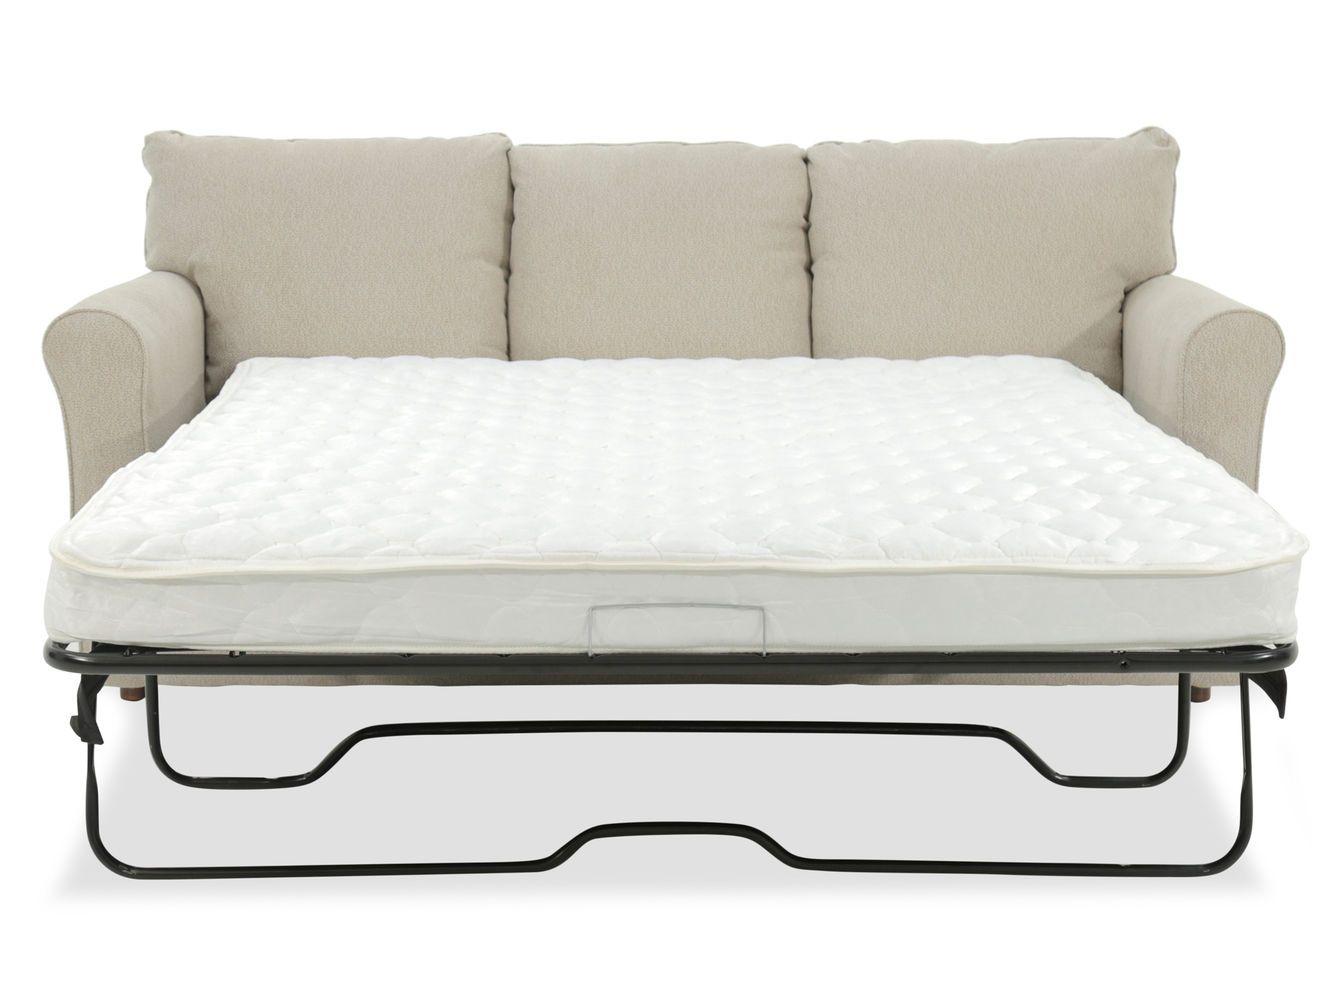 Phenomenal La Z Boy Leah Premier Supreme Comfort Beige Queen Sleeper Pabps2019 Chair Design Images Pabps2019Com